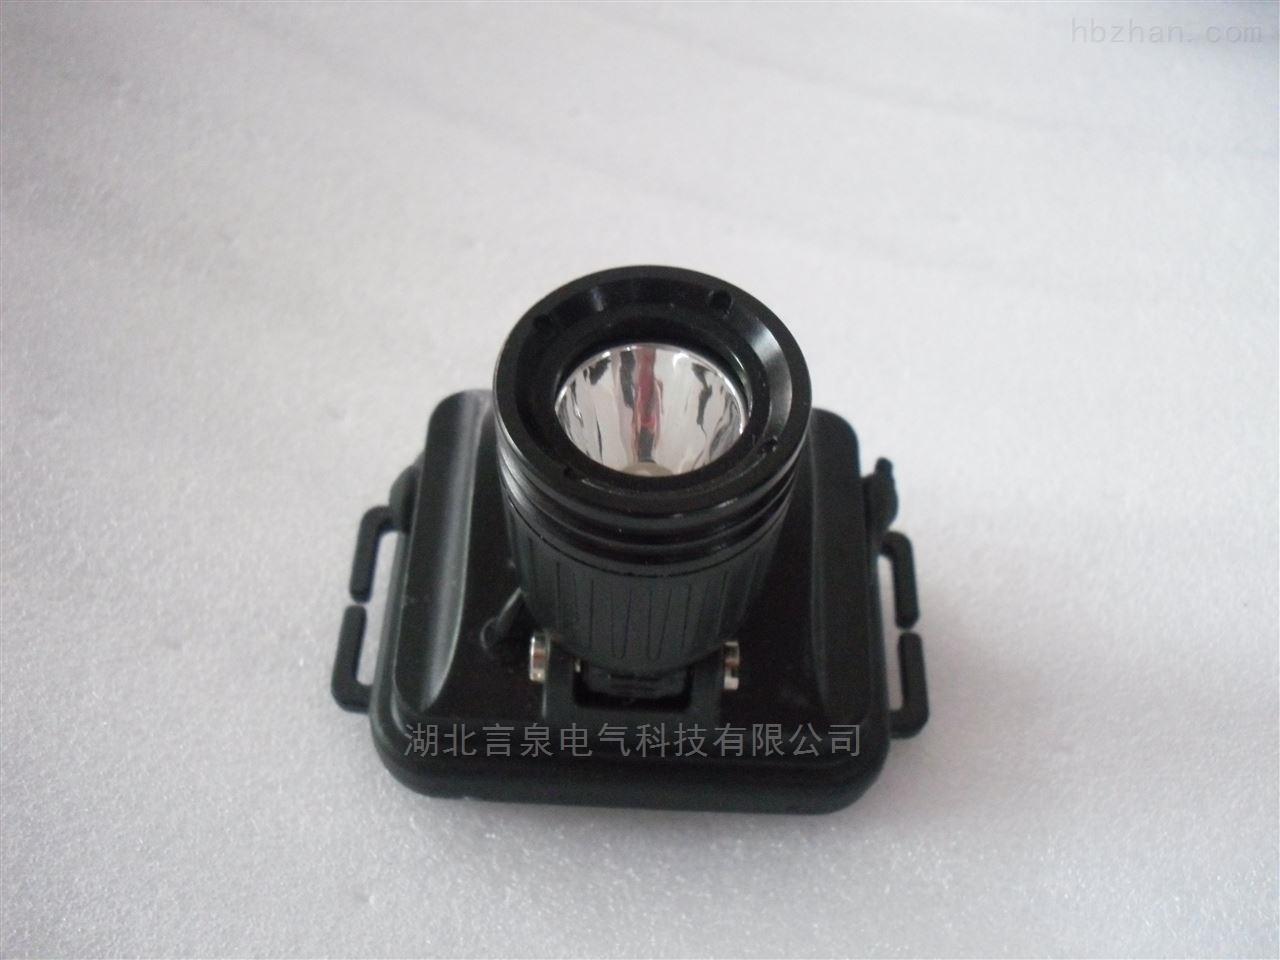 聚泛光防爆头灯BAM830佩戴式强光led抢修灯